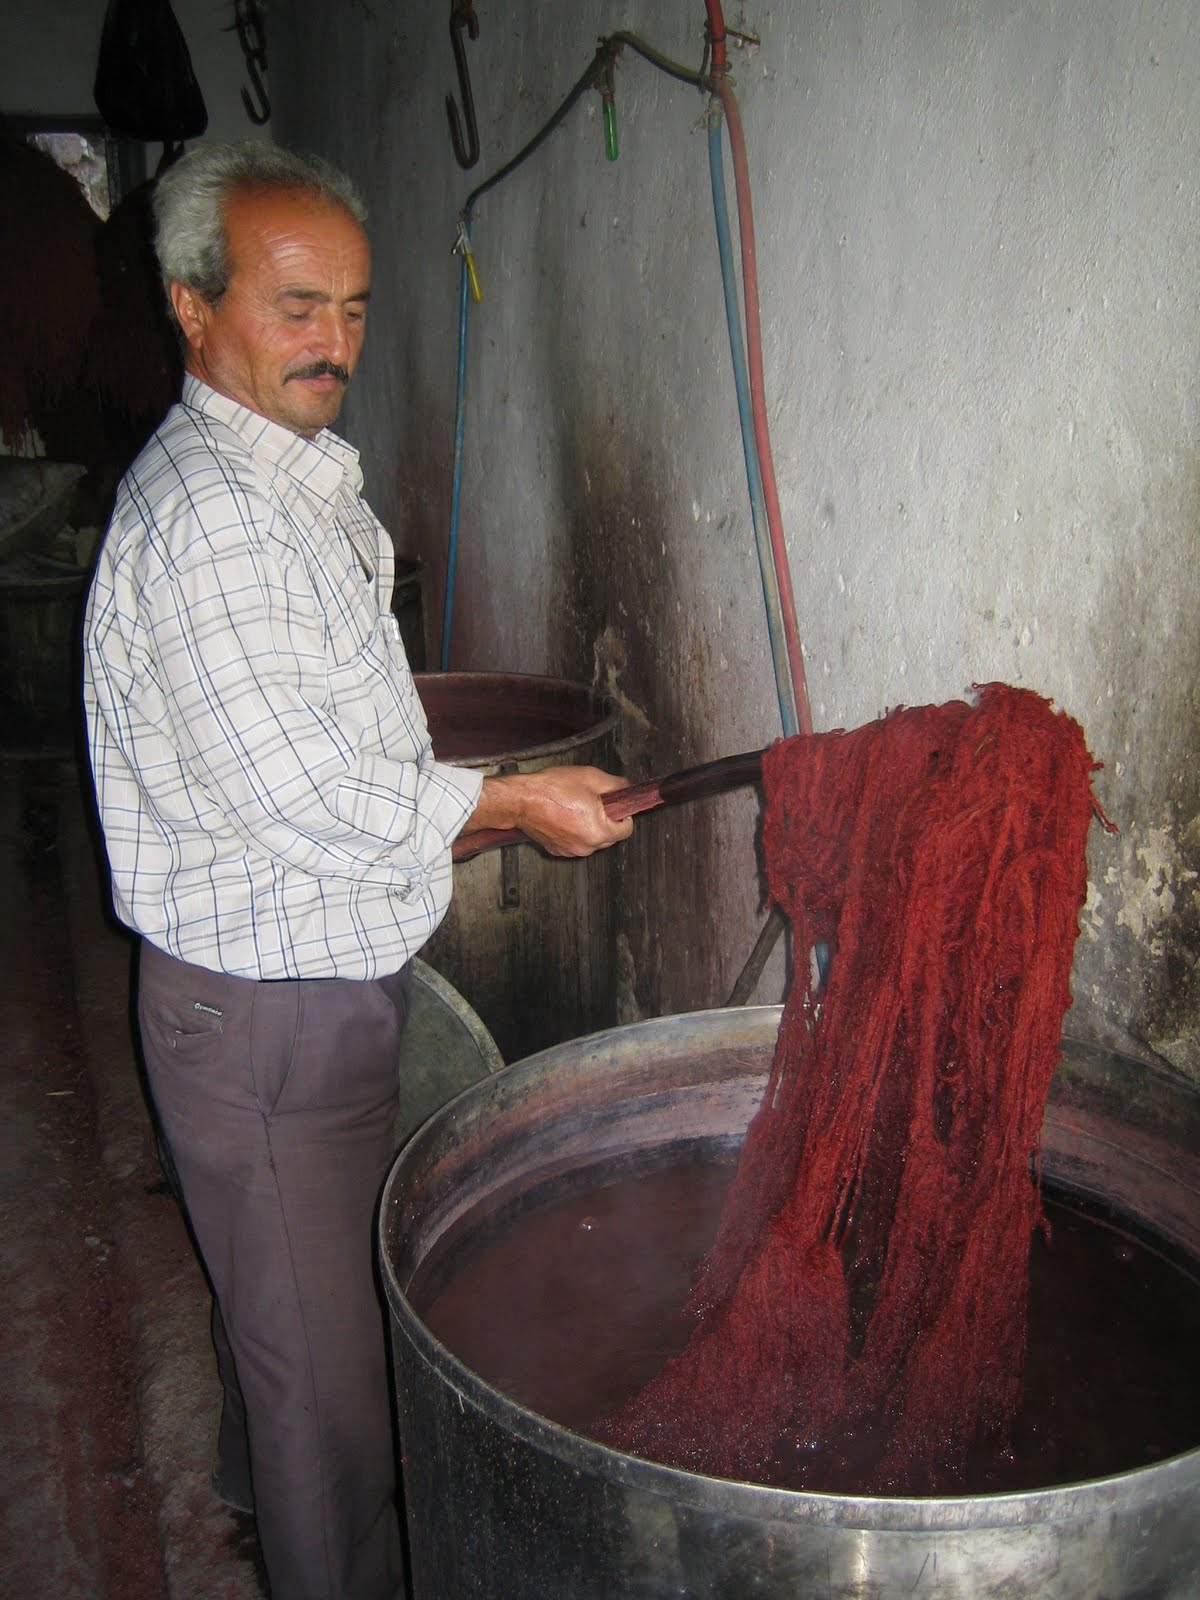 Red dyeing process in Örselli village, Manisa, Western Turkey, 2007